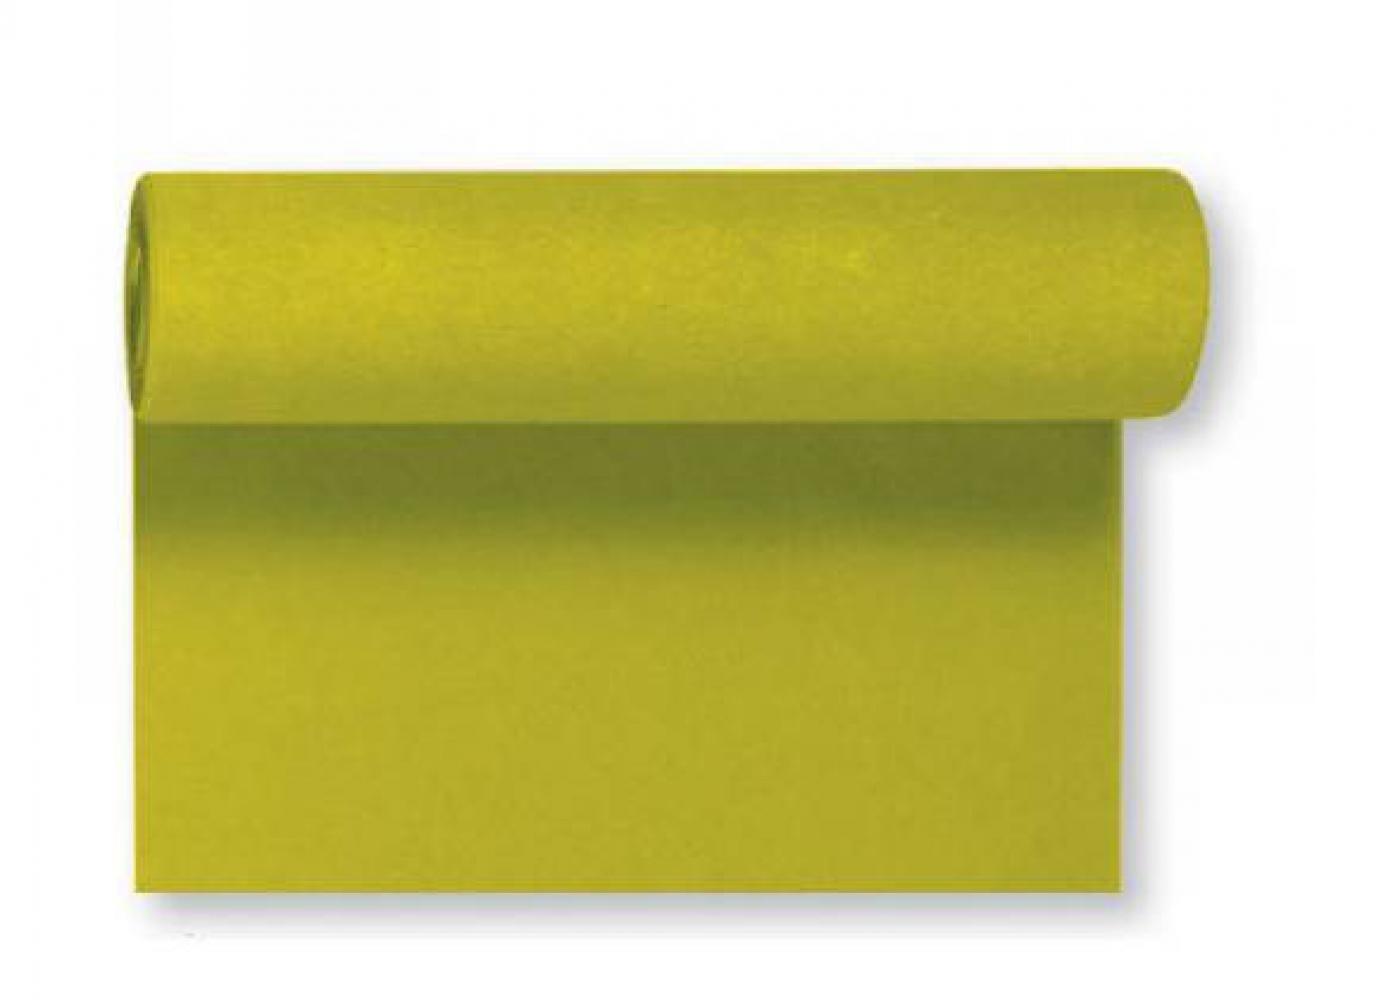 Acquista 10 Pezzi Tete Tete Antigoccia 17545746 | Glooke.com